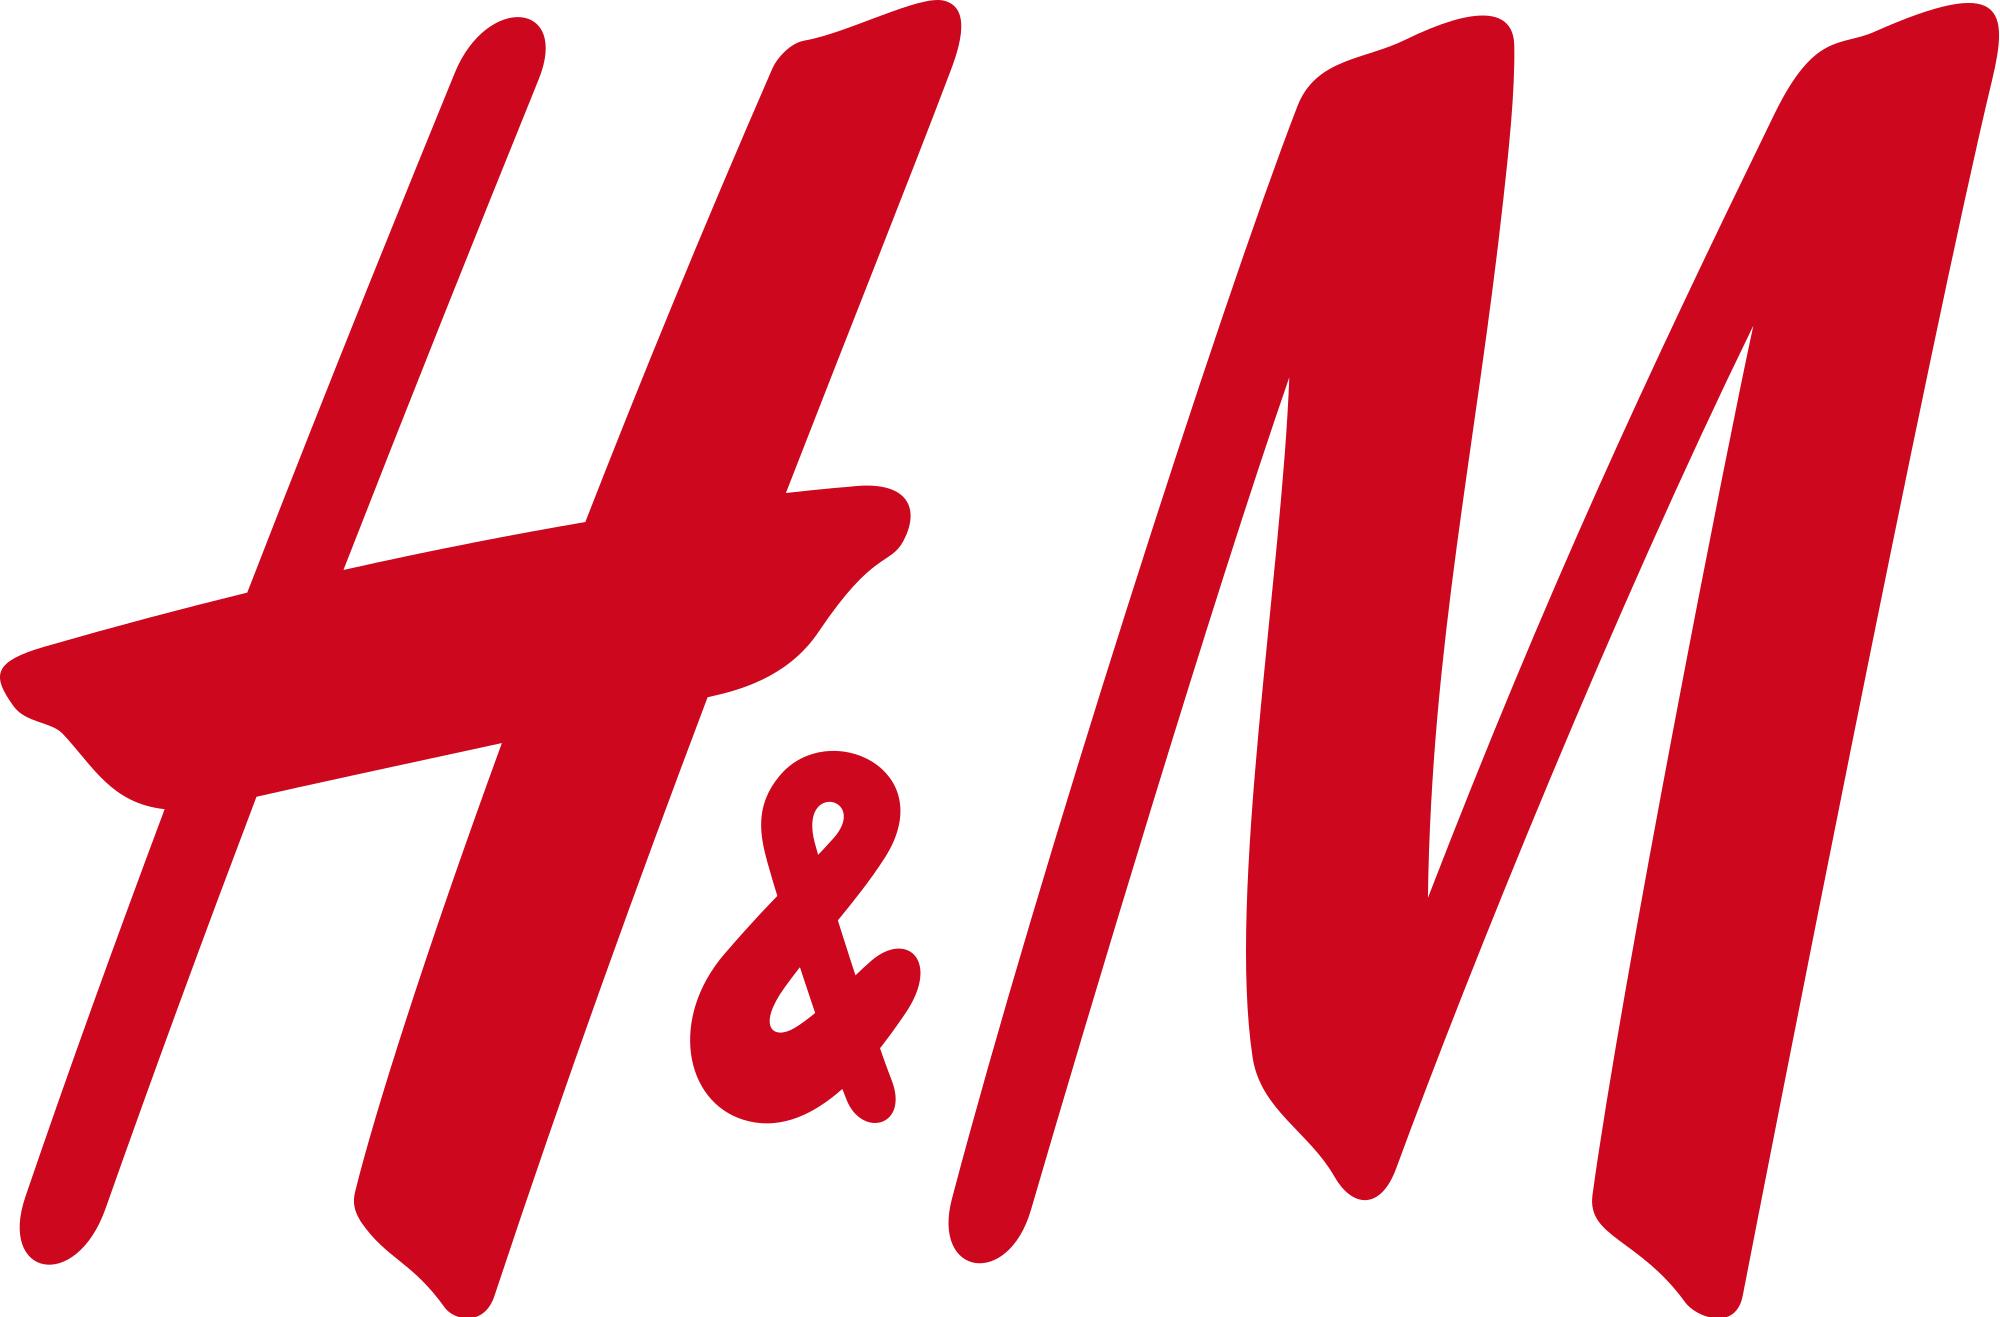 H&M: Beim Kauf einer Geschenkkarte ab 50 € online erhält man 5 €!